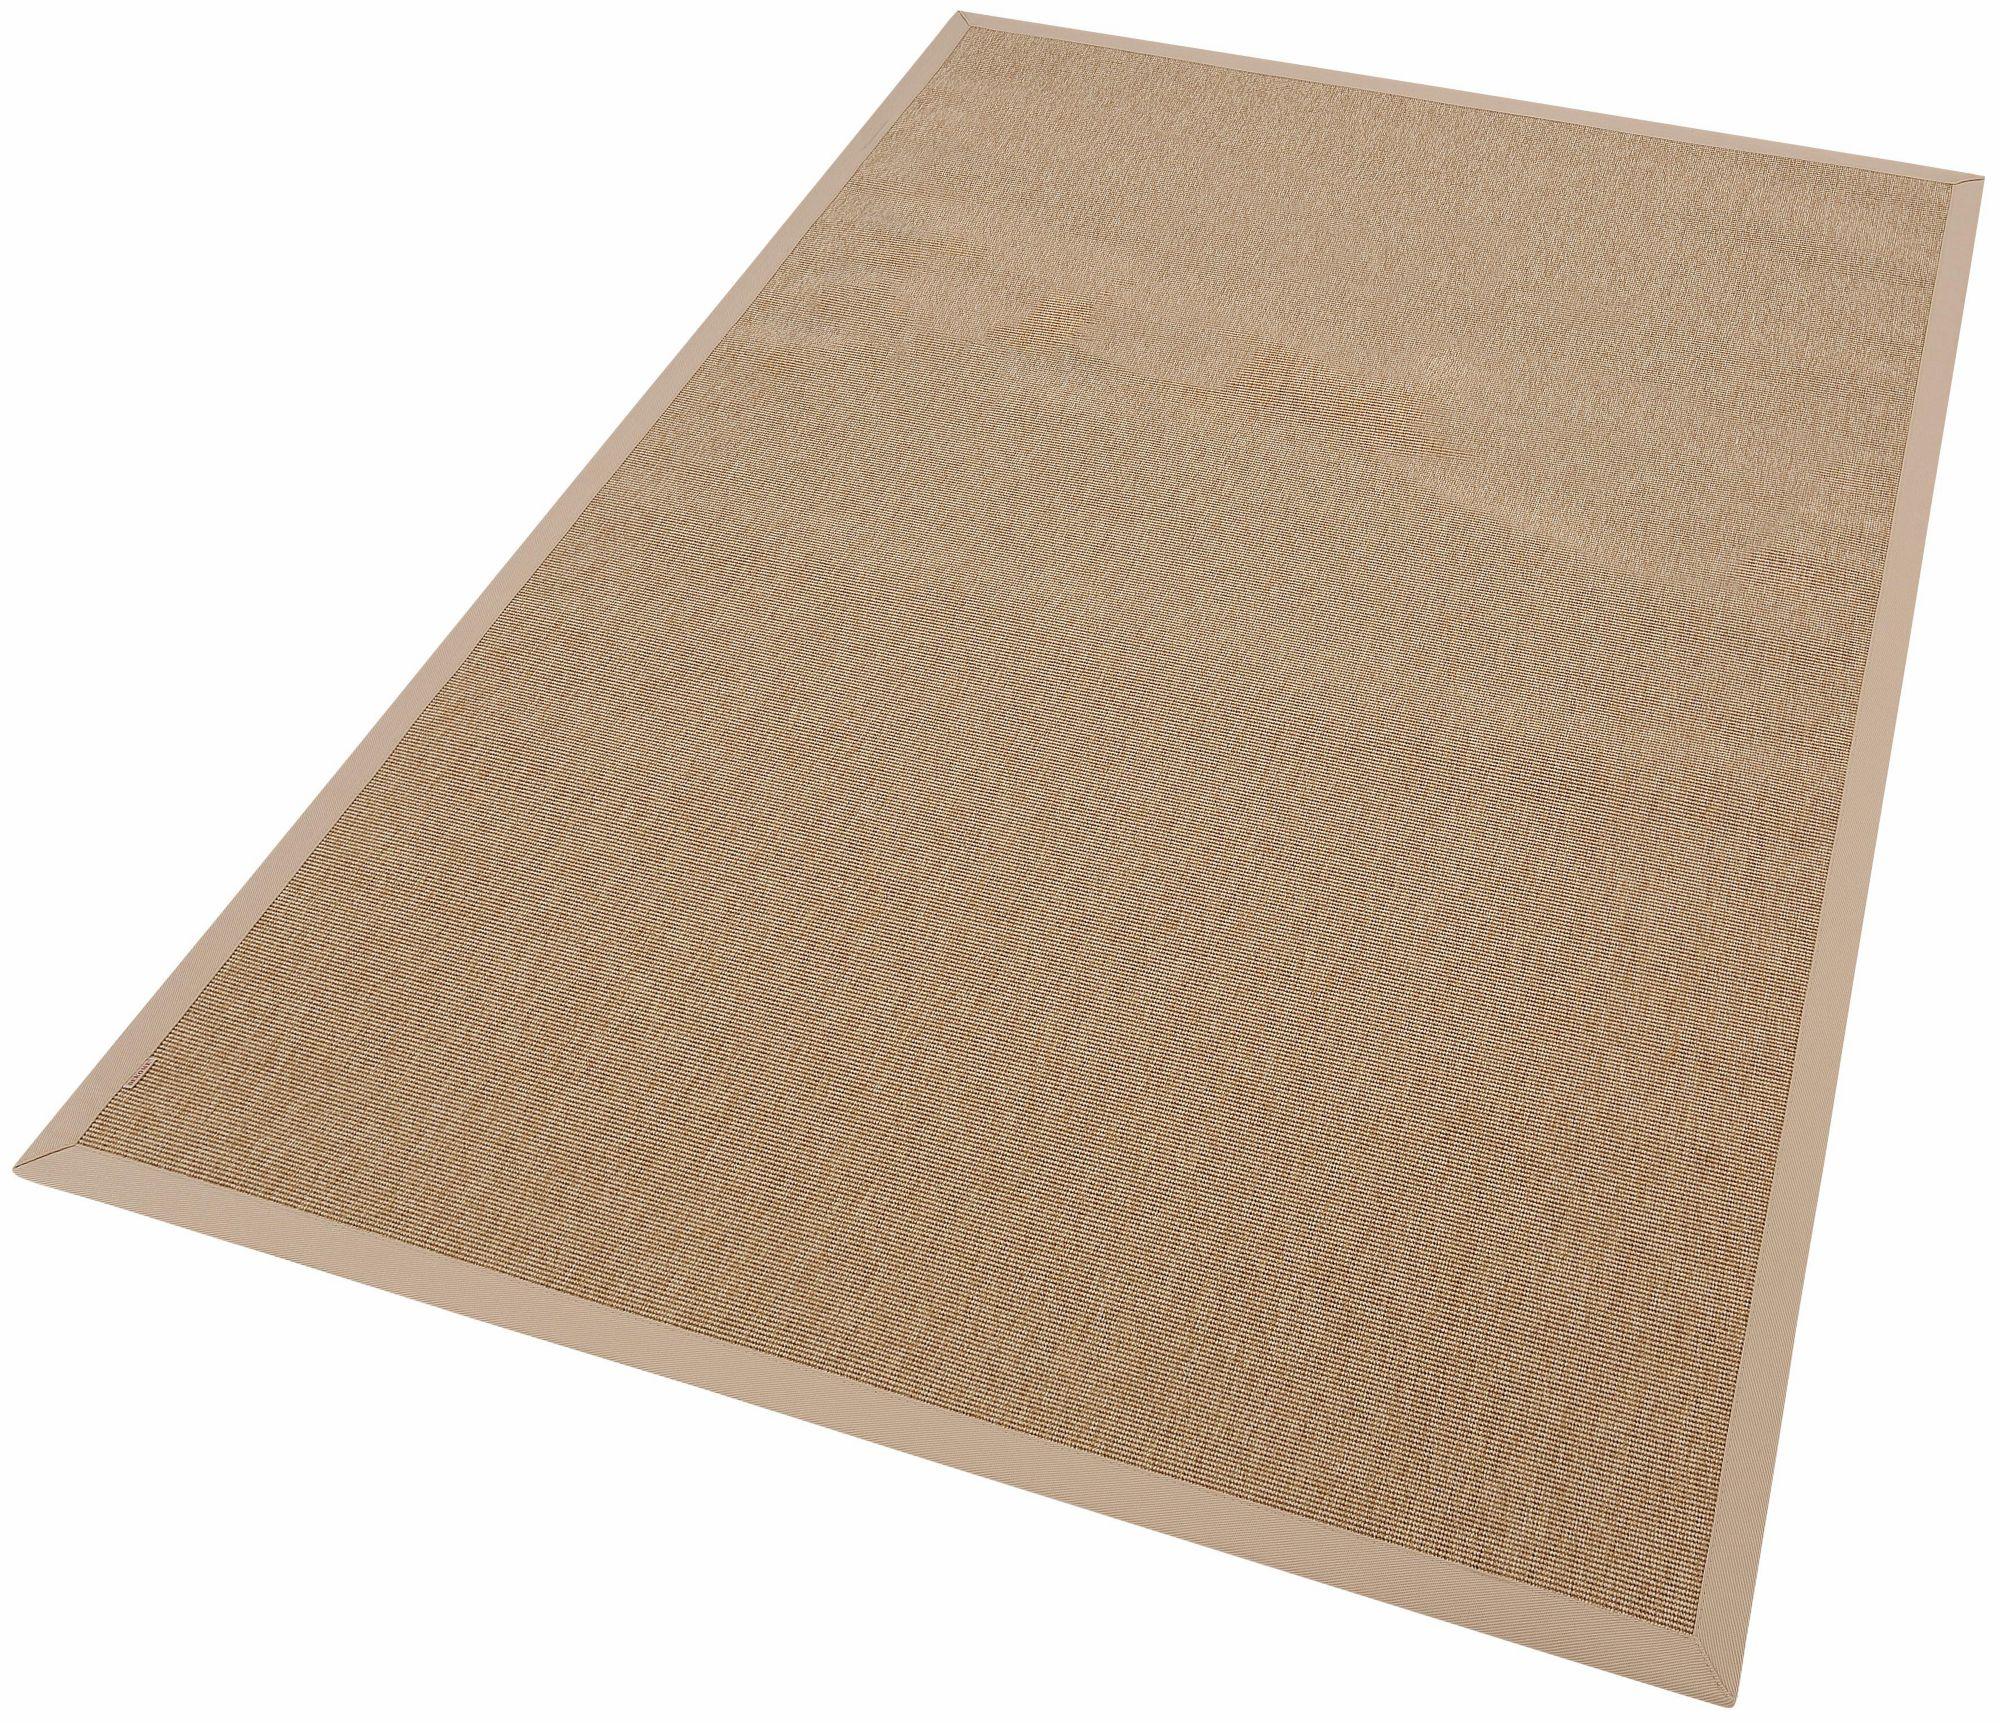 DEKOWE Teppich, Dekowe, »Naturino Rips«, In- und Outdoor geeignet, Sisaloptik